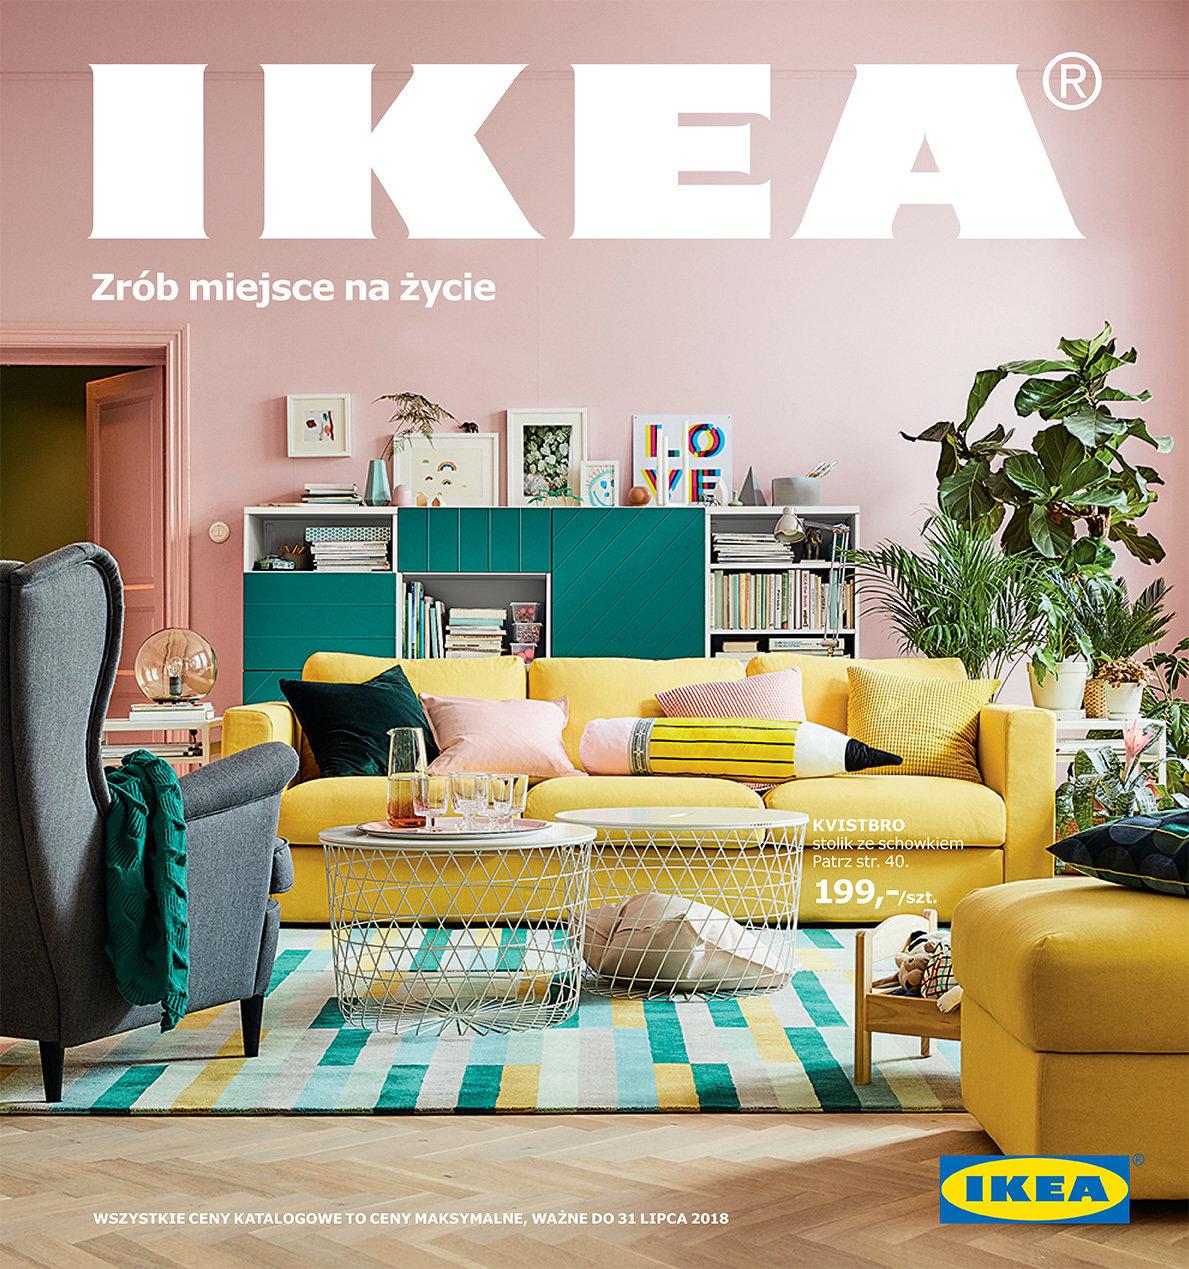 Życie to zmiany, zrób na nie miejsce. Katalog IKEA 2018 inspiruje do zmian i celebracji życia w domu.